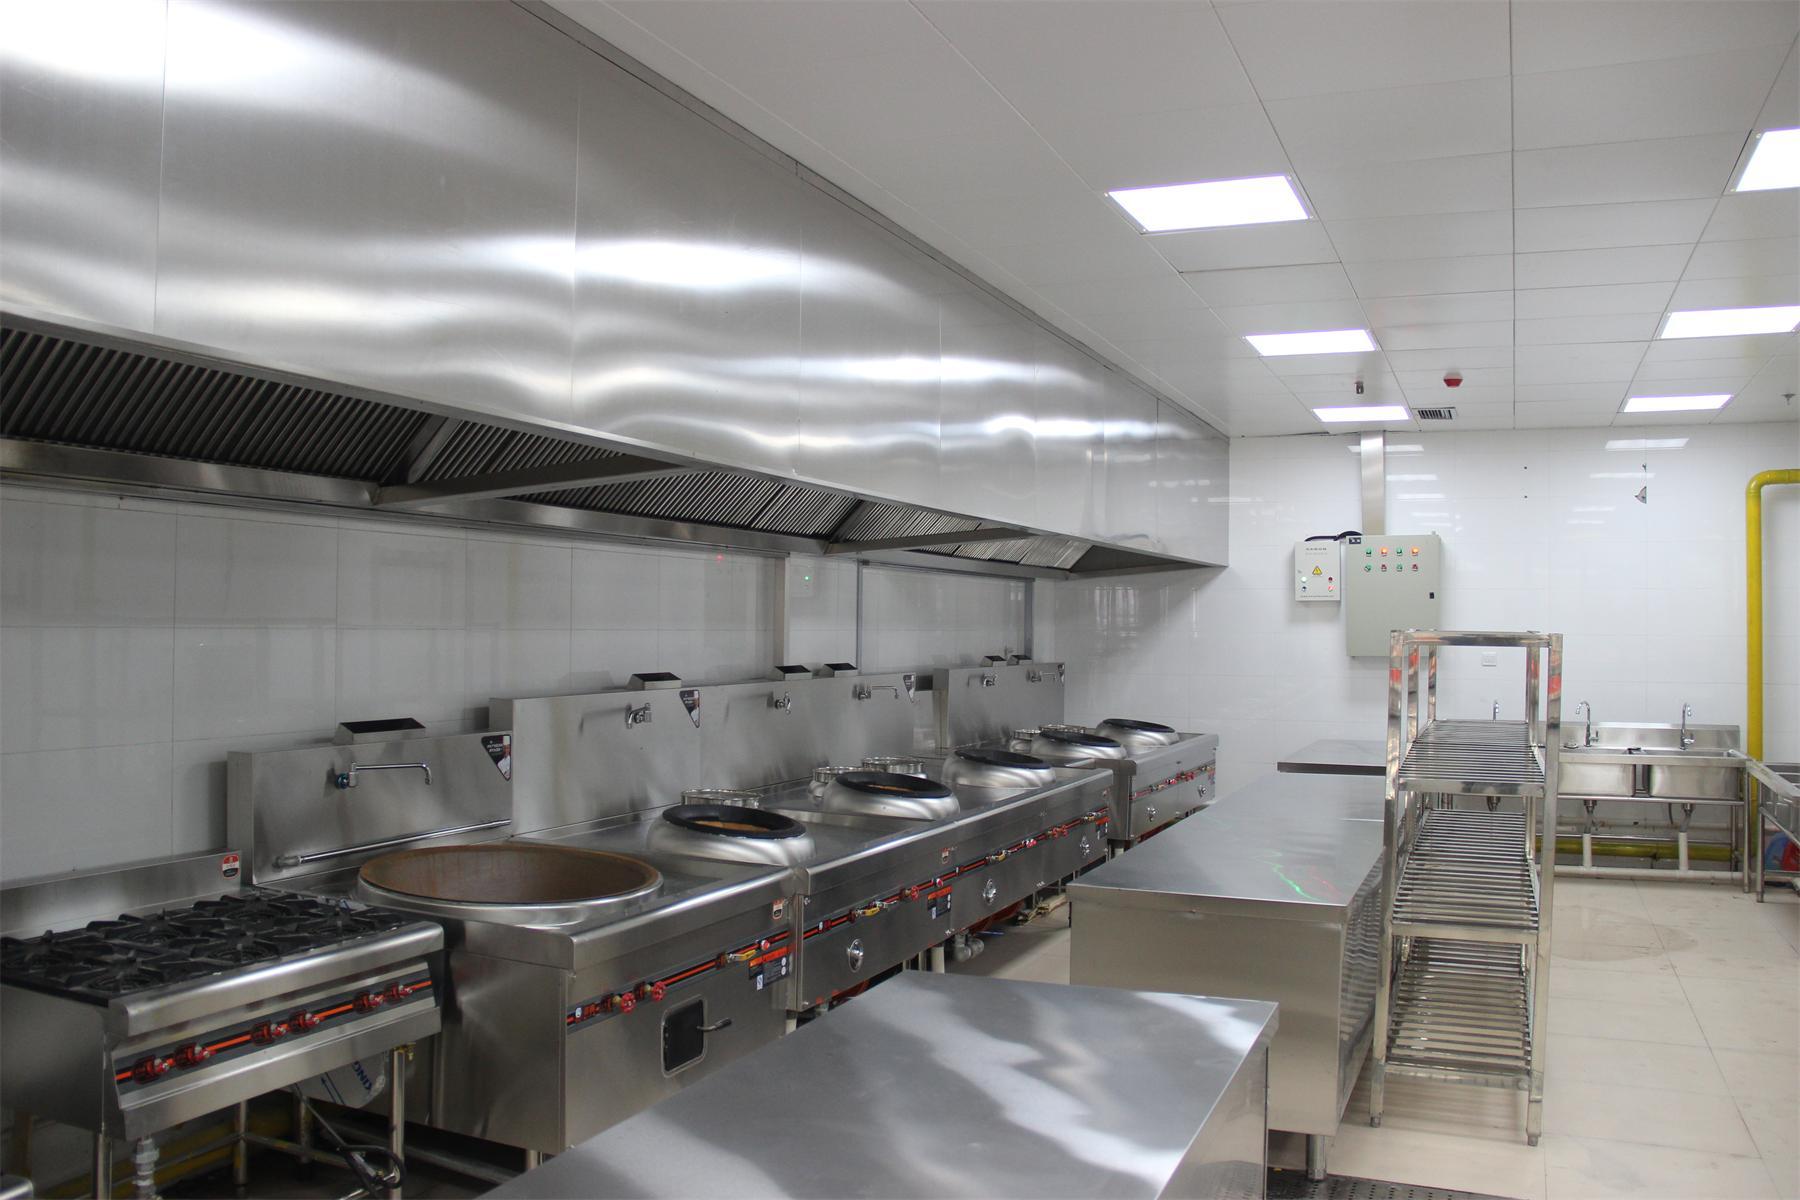 大型食堂厨房设备都是那些